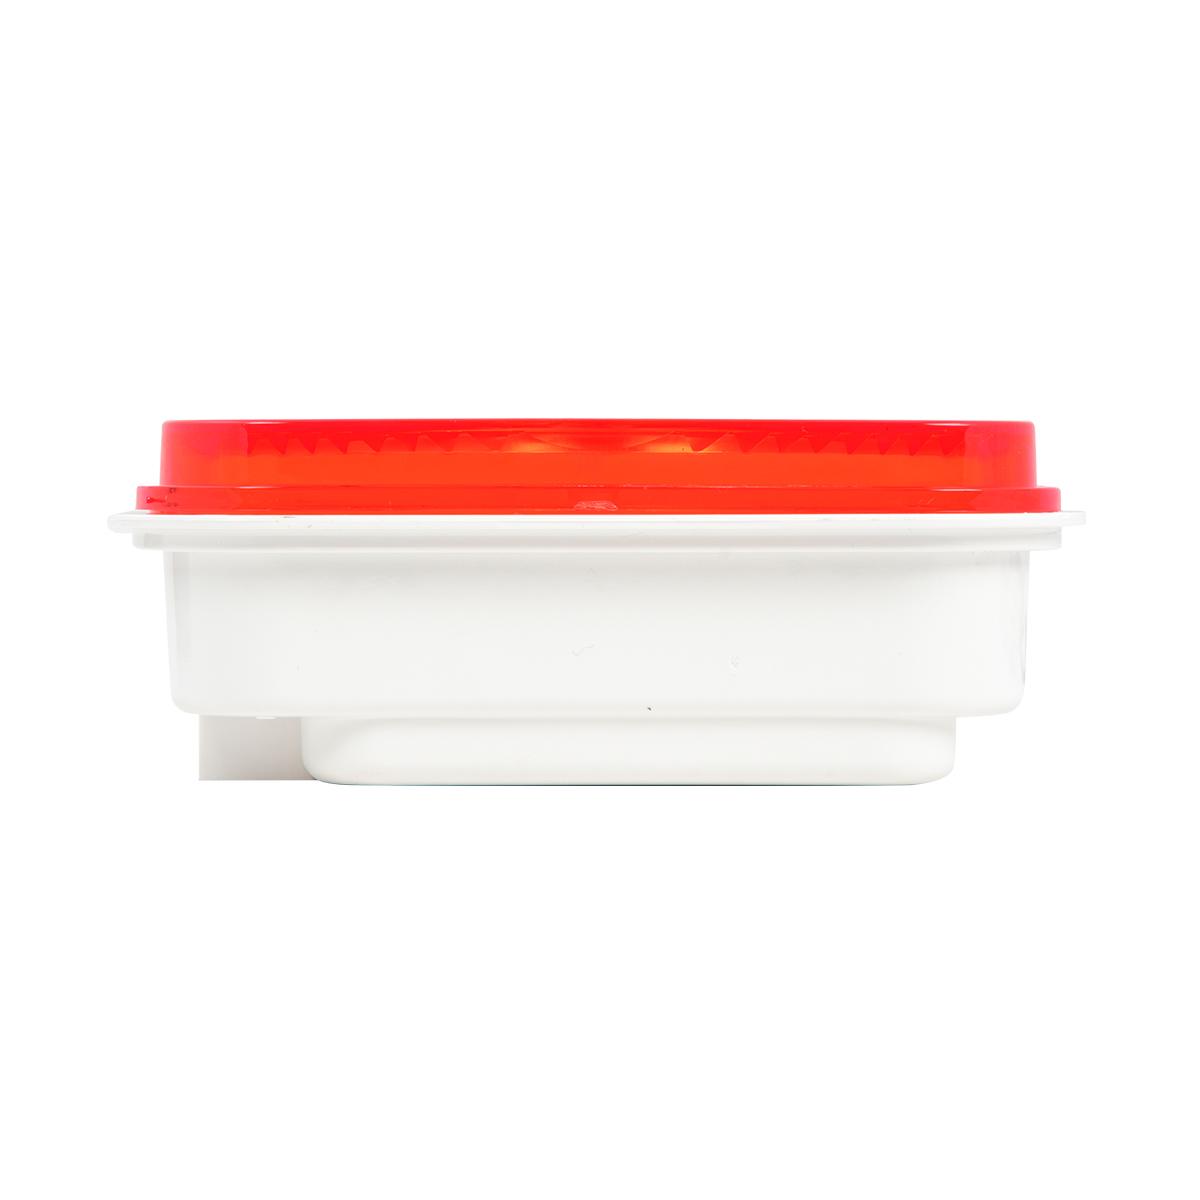 75951 Rectangular Single High Power LED Sealed Light